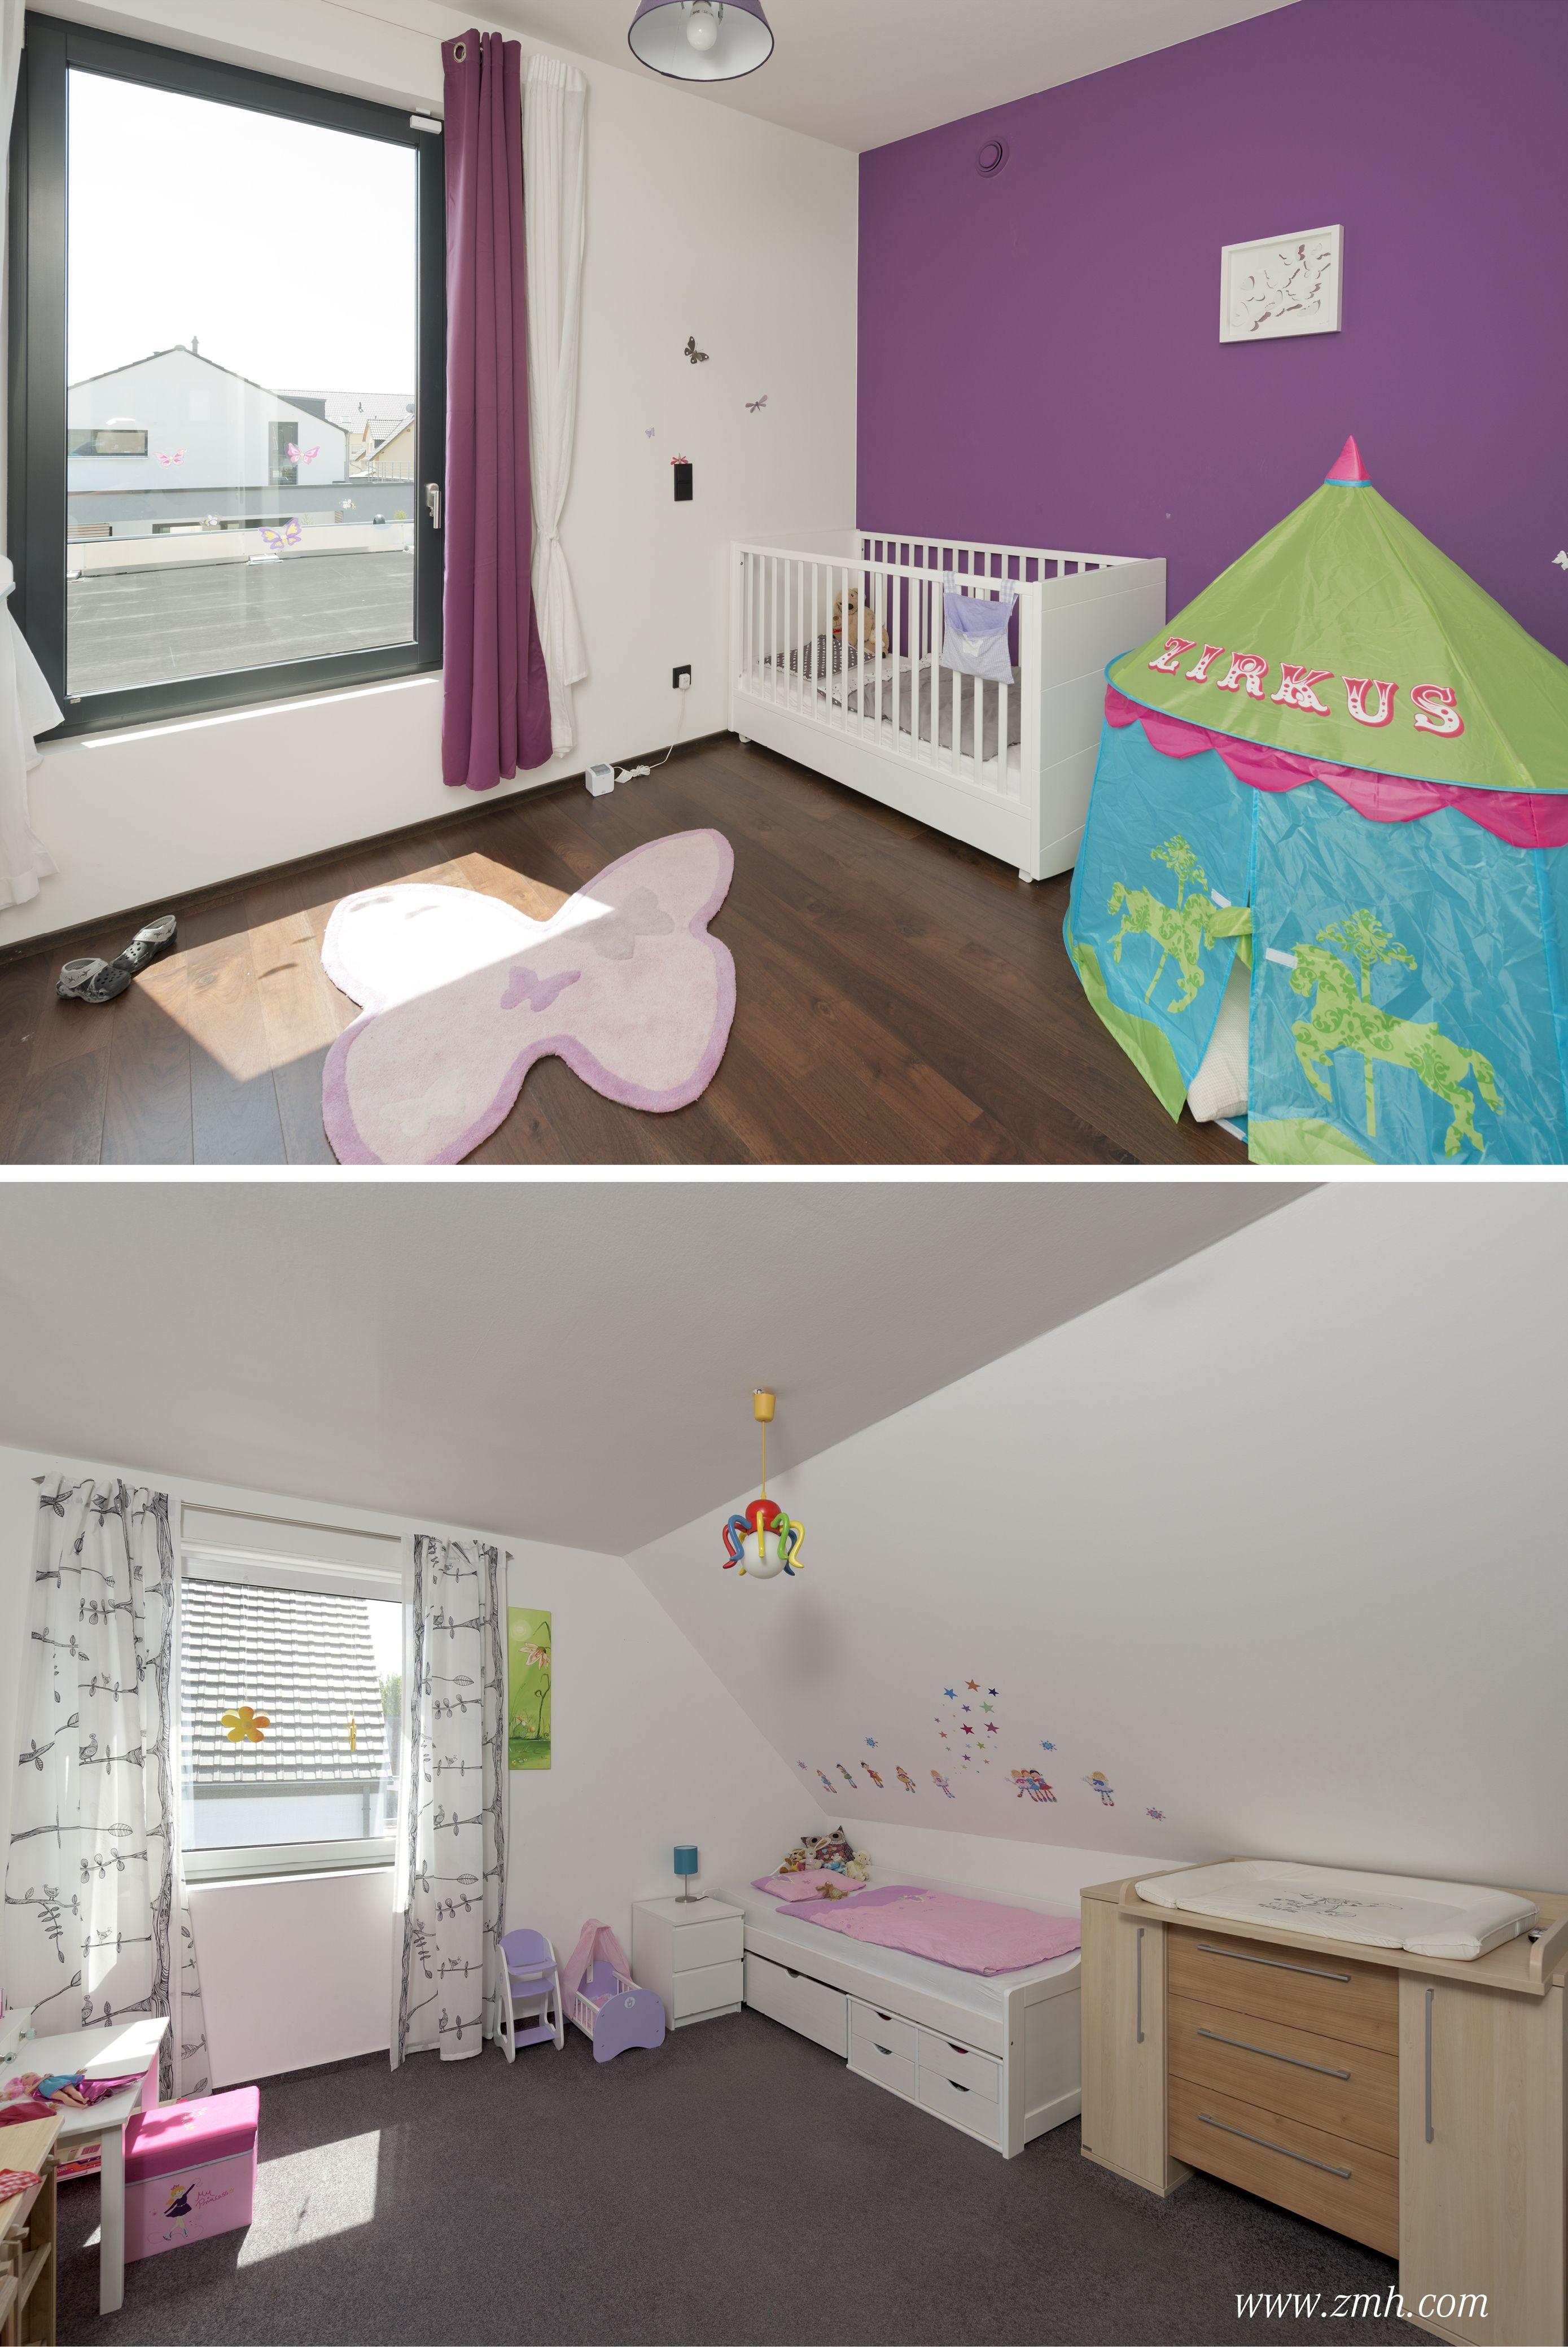 Kinderzimmer Fur Die Kleine Und Grosse Schwester In Lila Und Pink